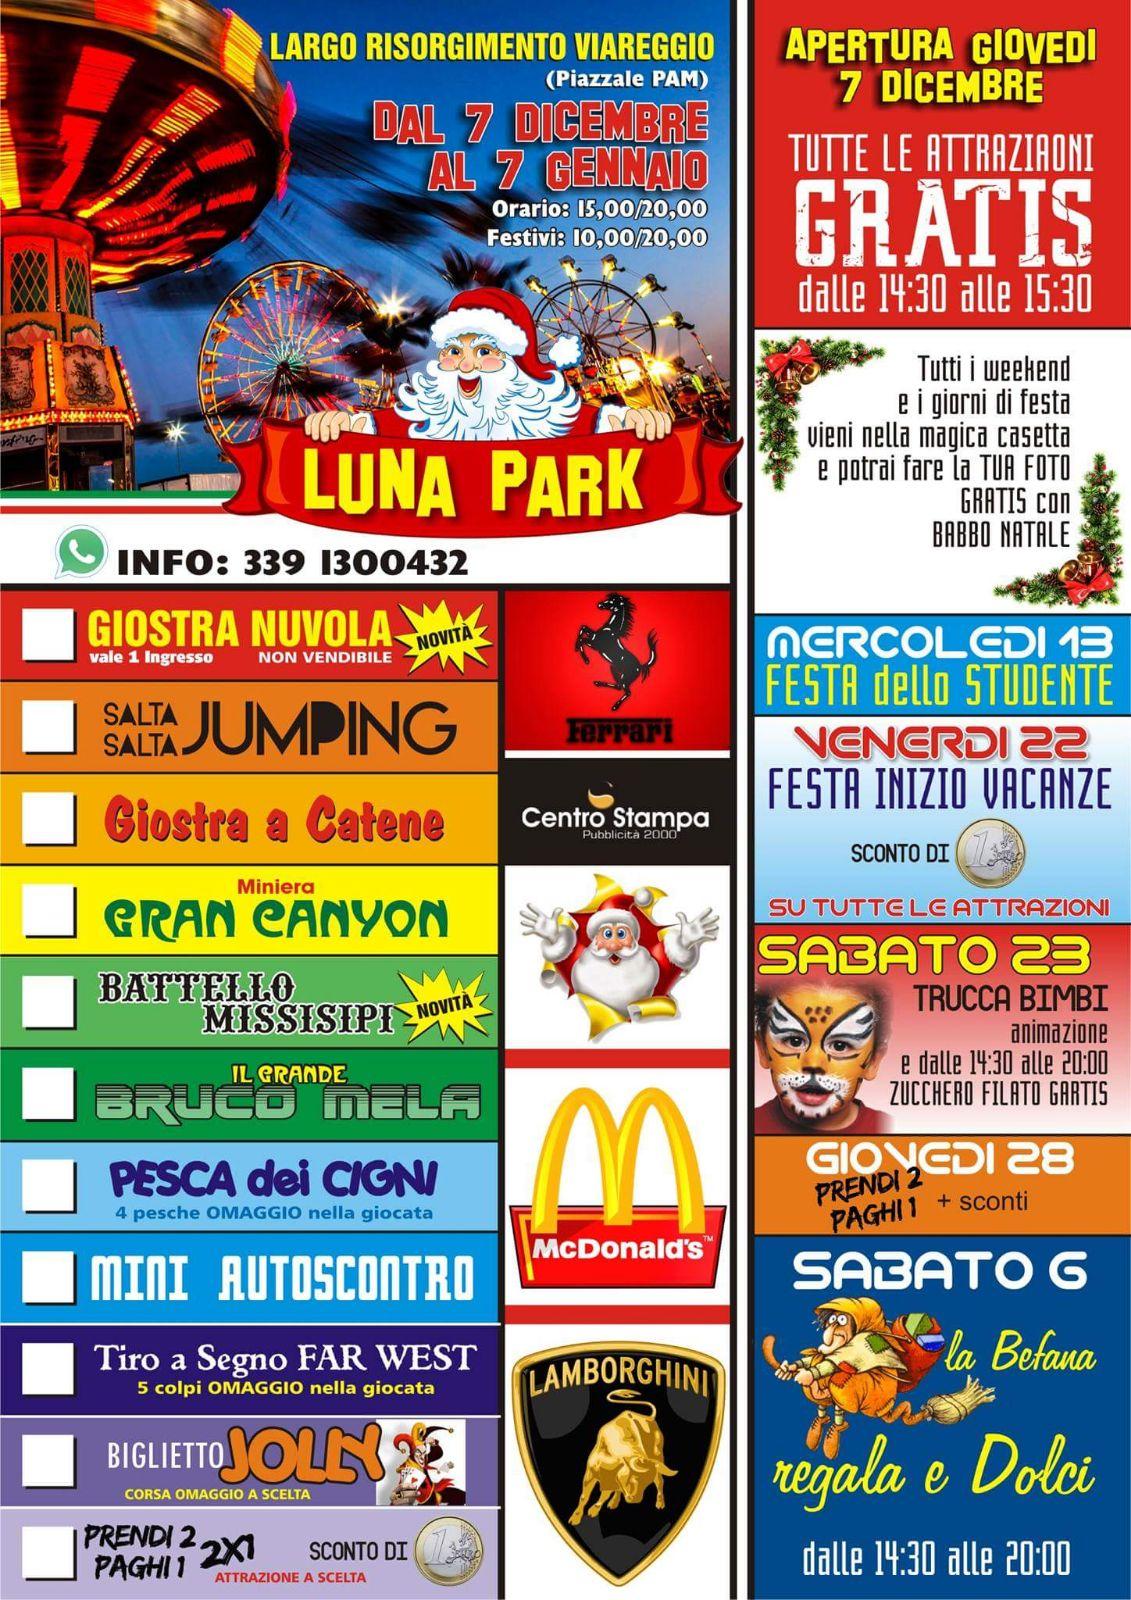 Apre il Luna Park a Largo Risorgimento